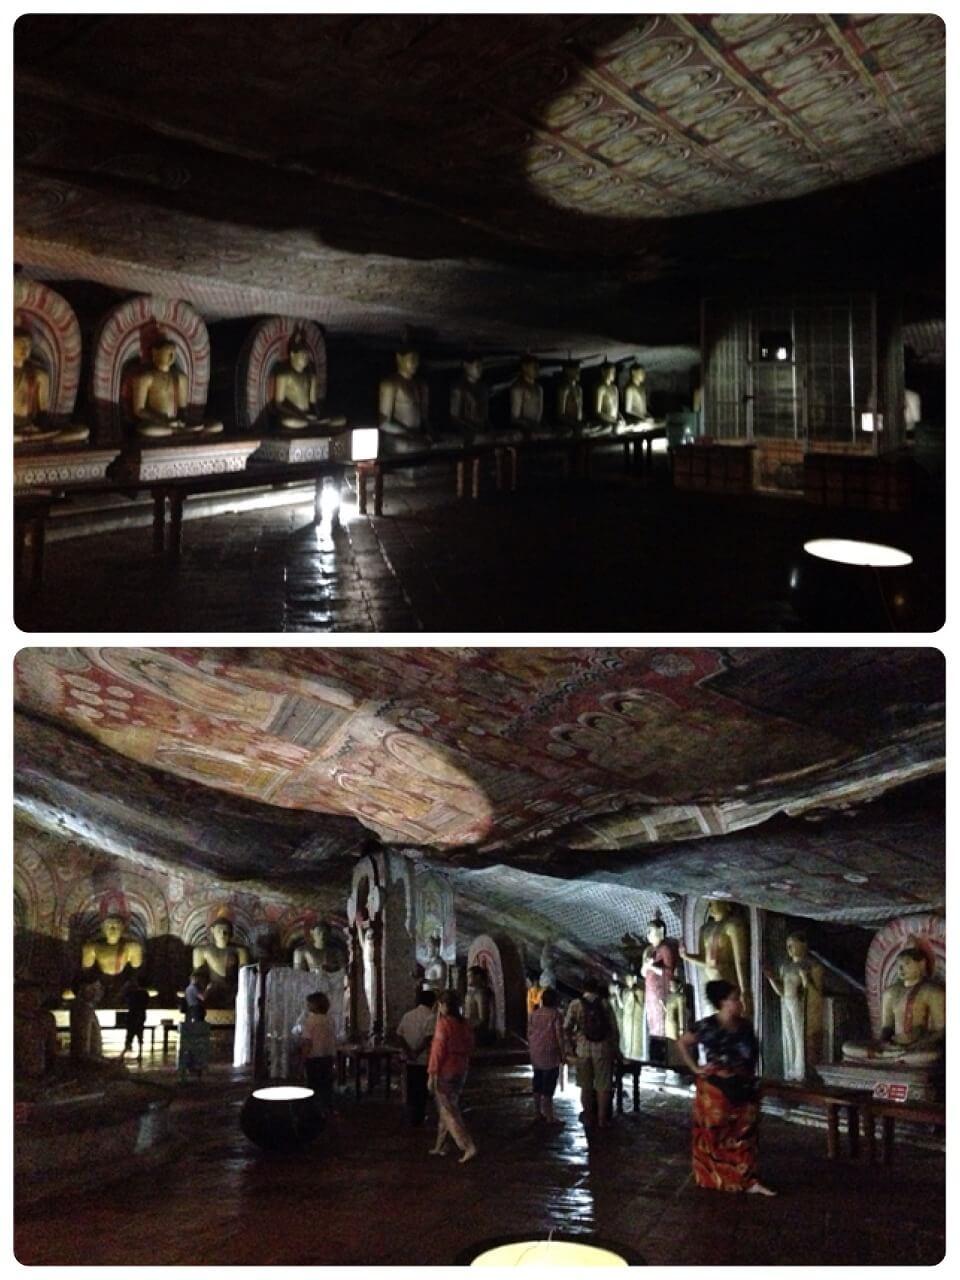 世界遺産、ダンブッラ黄金寺院。